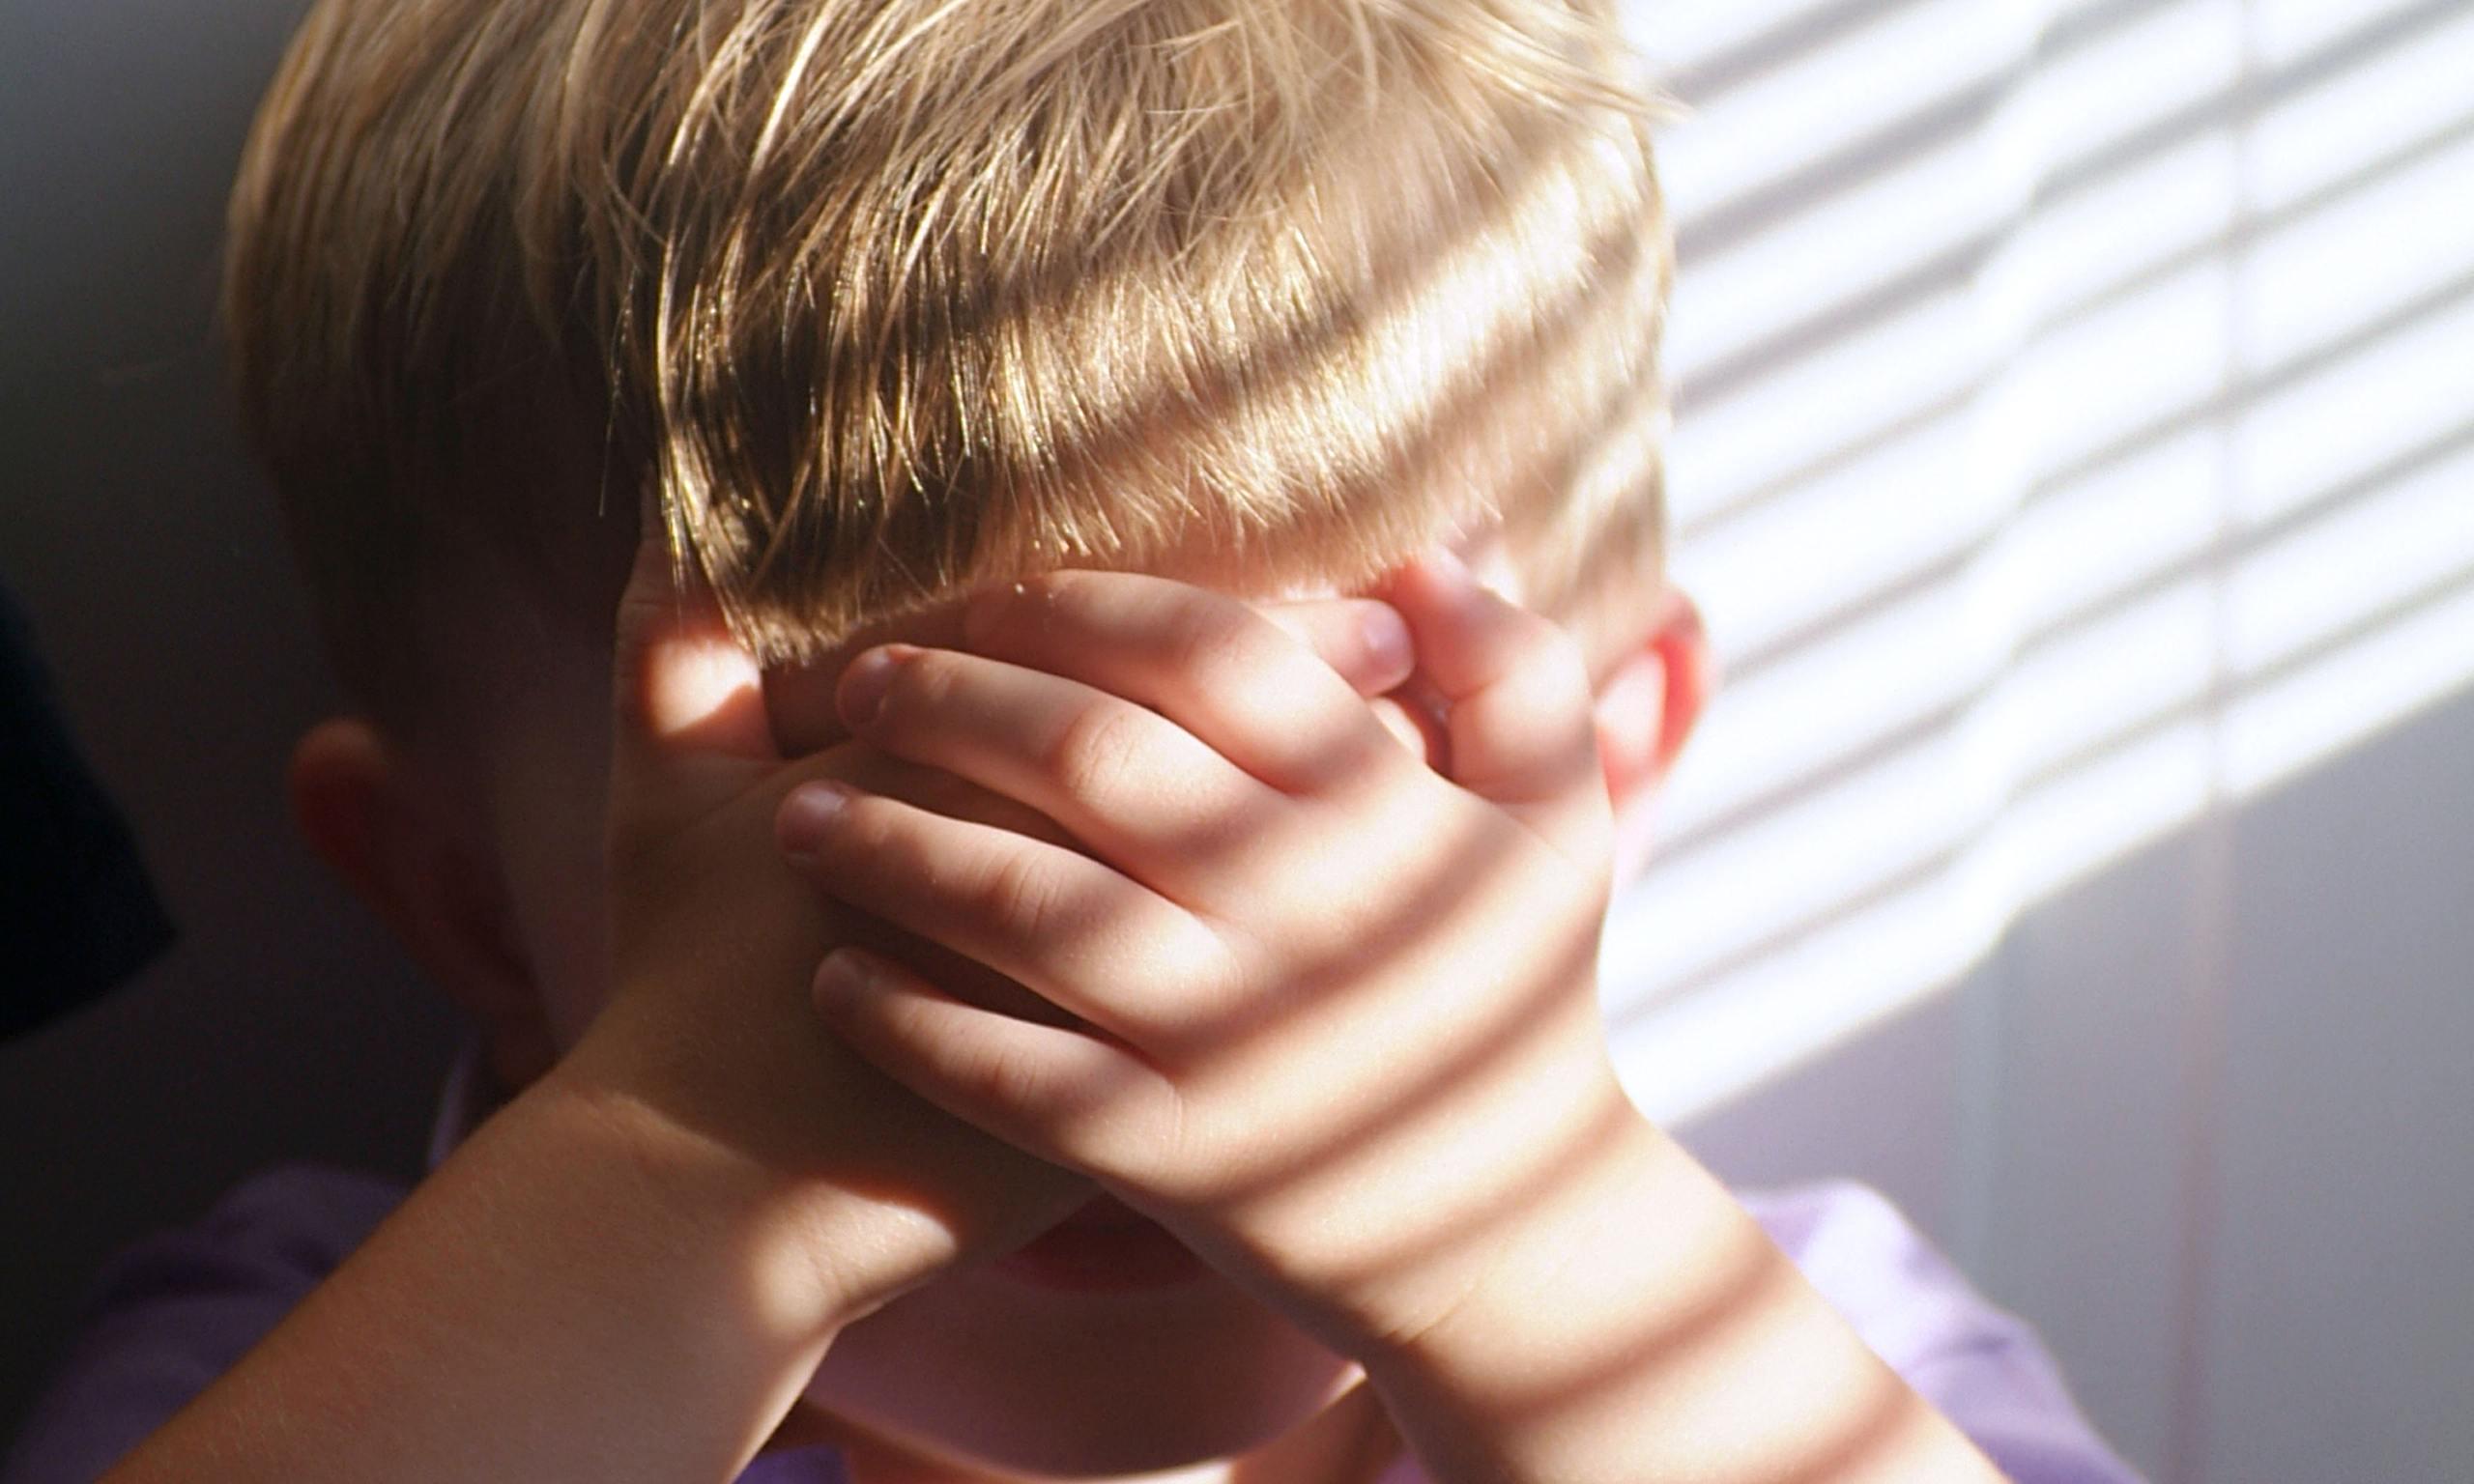 Bambino autistico violentato a scuola dall'insegnante di sostegno